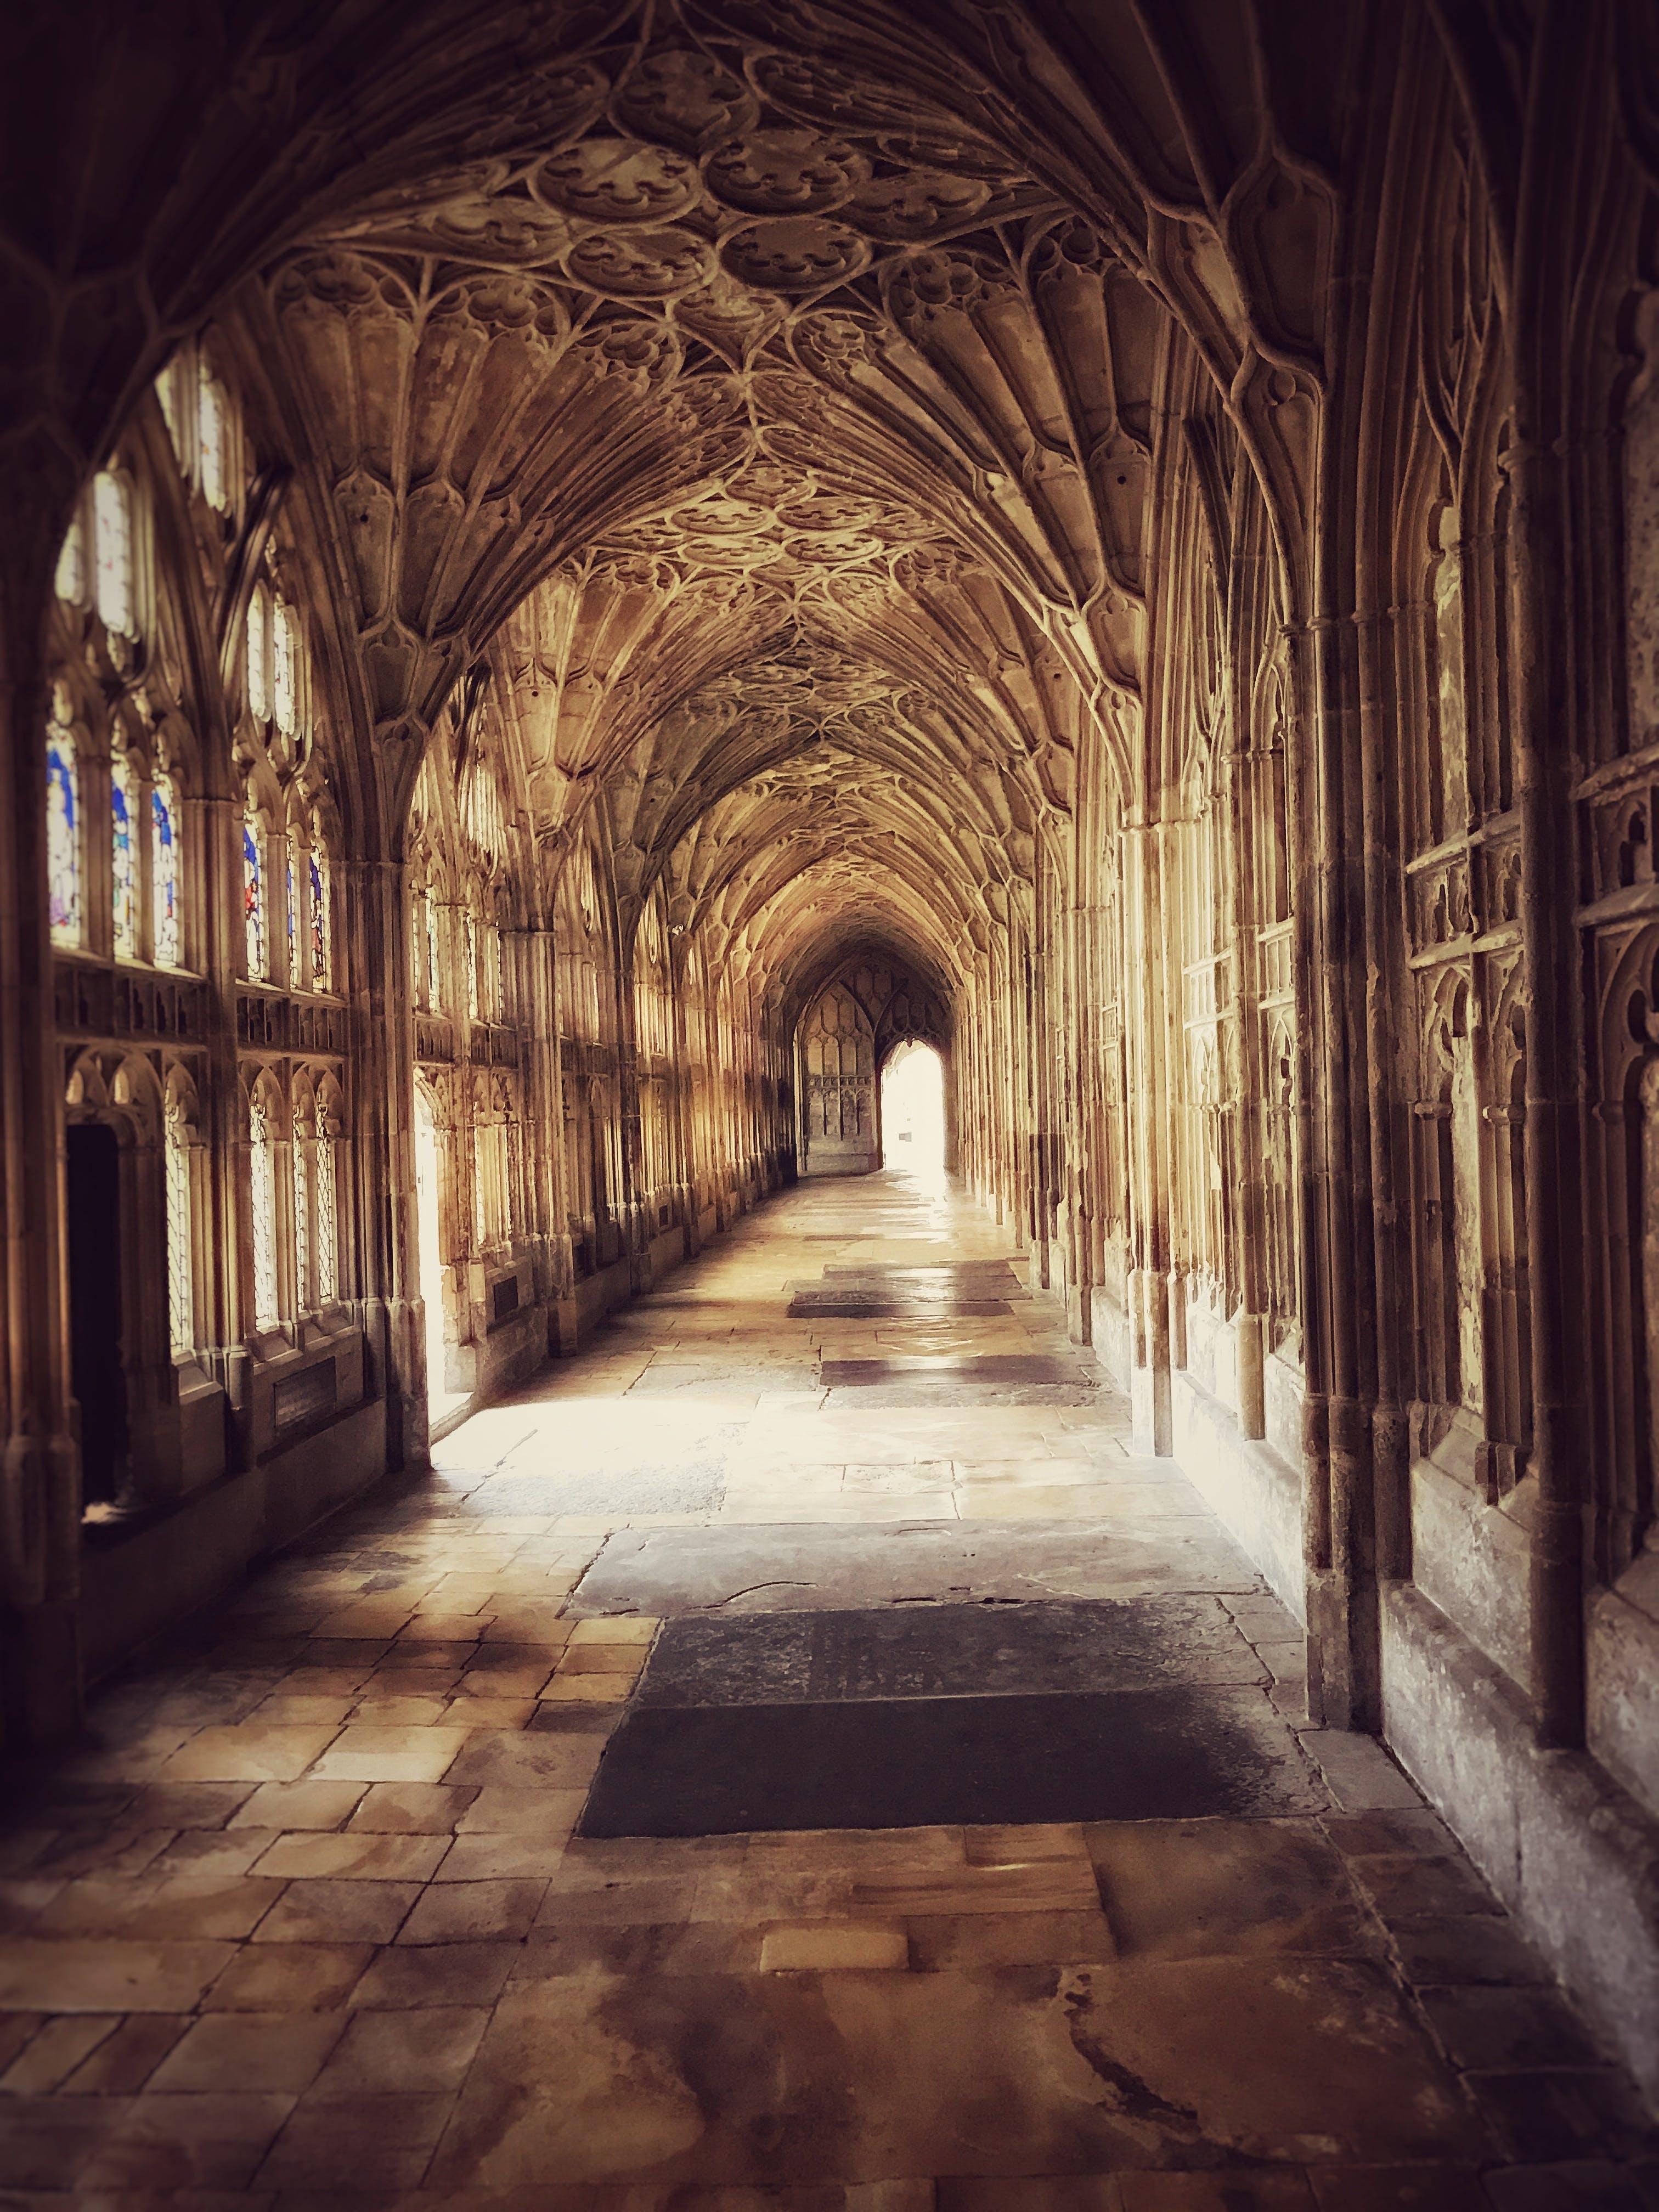 zu alt, architektur, bekannt, bogen